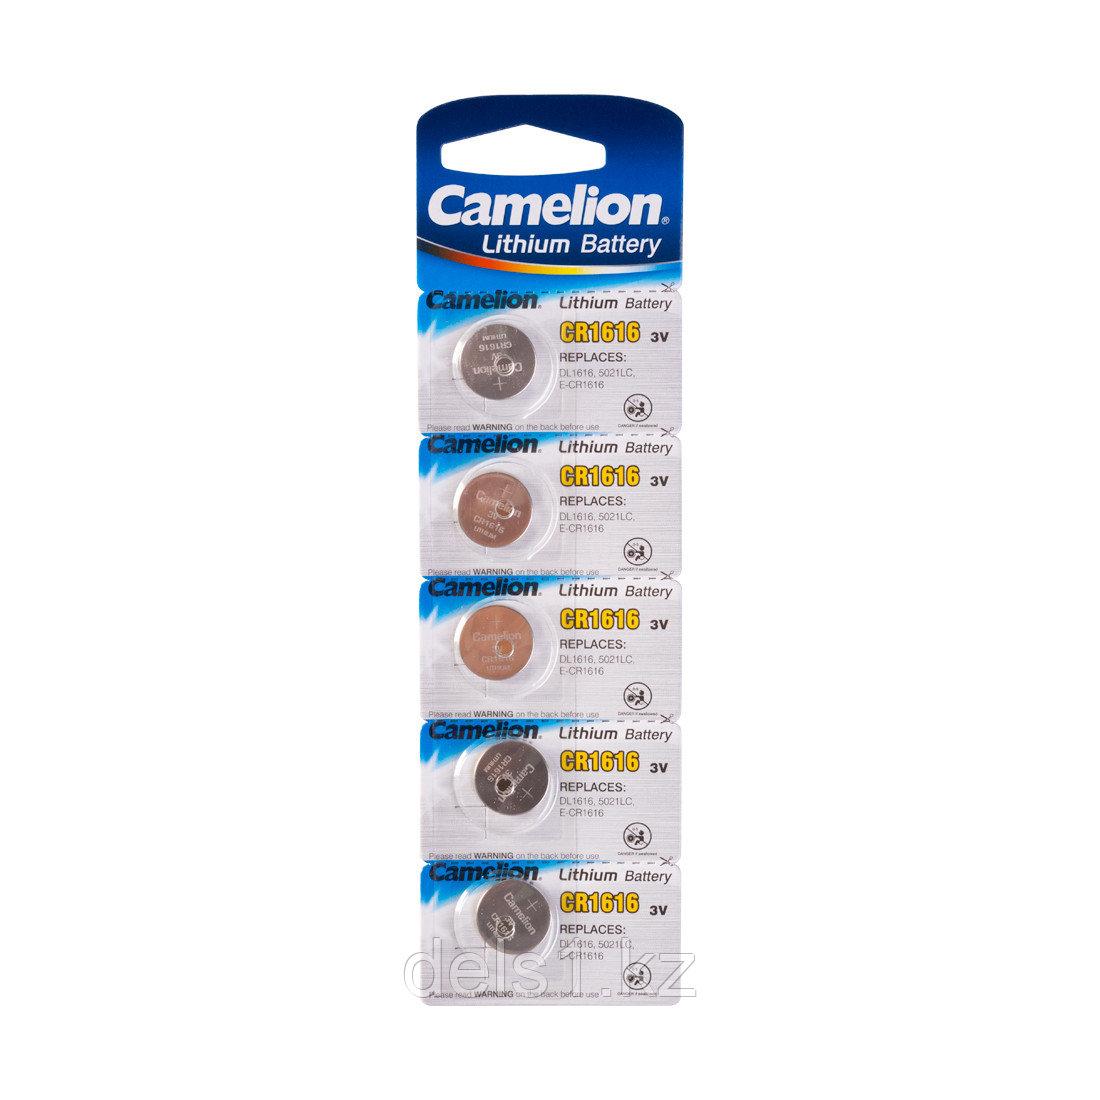 Батарейка, CAMELION, CR1616-BP5, Lithium Battery, CR1616, 3V, 220 mAh, 5 шт.